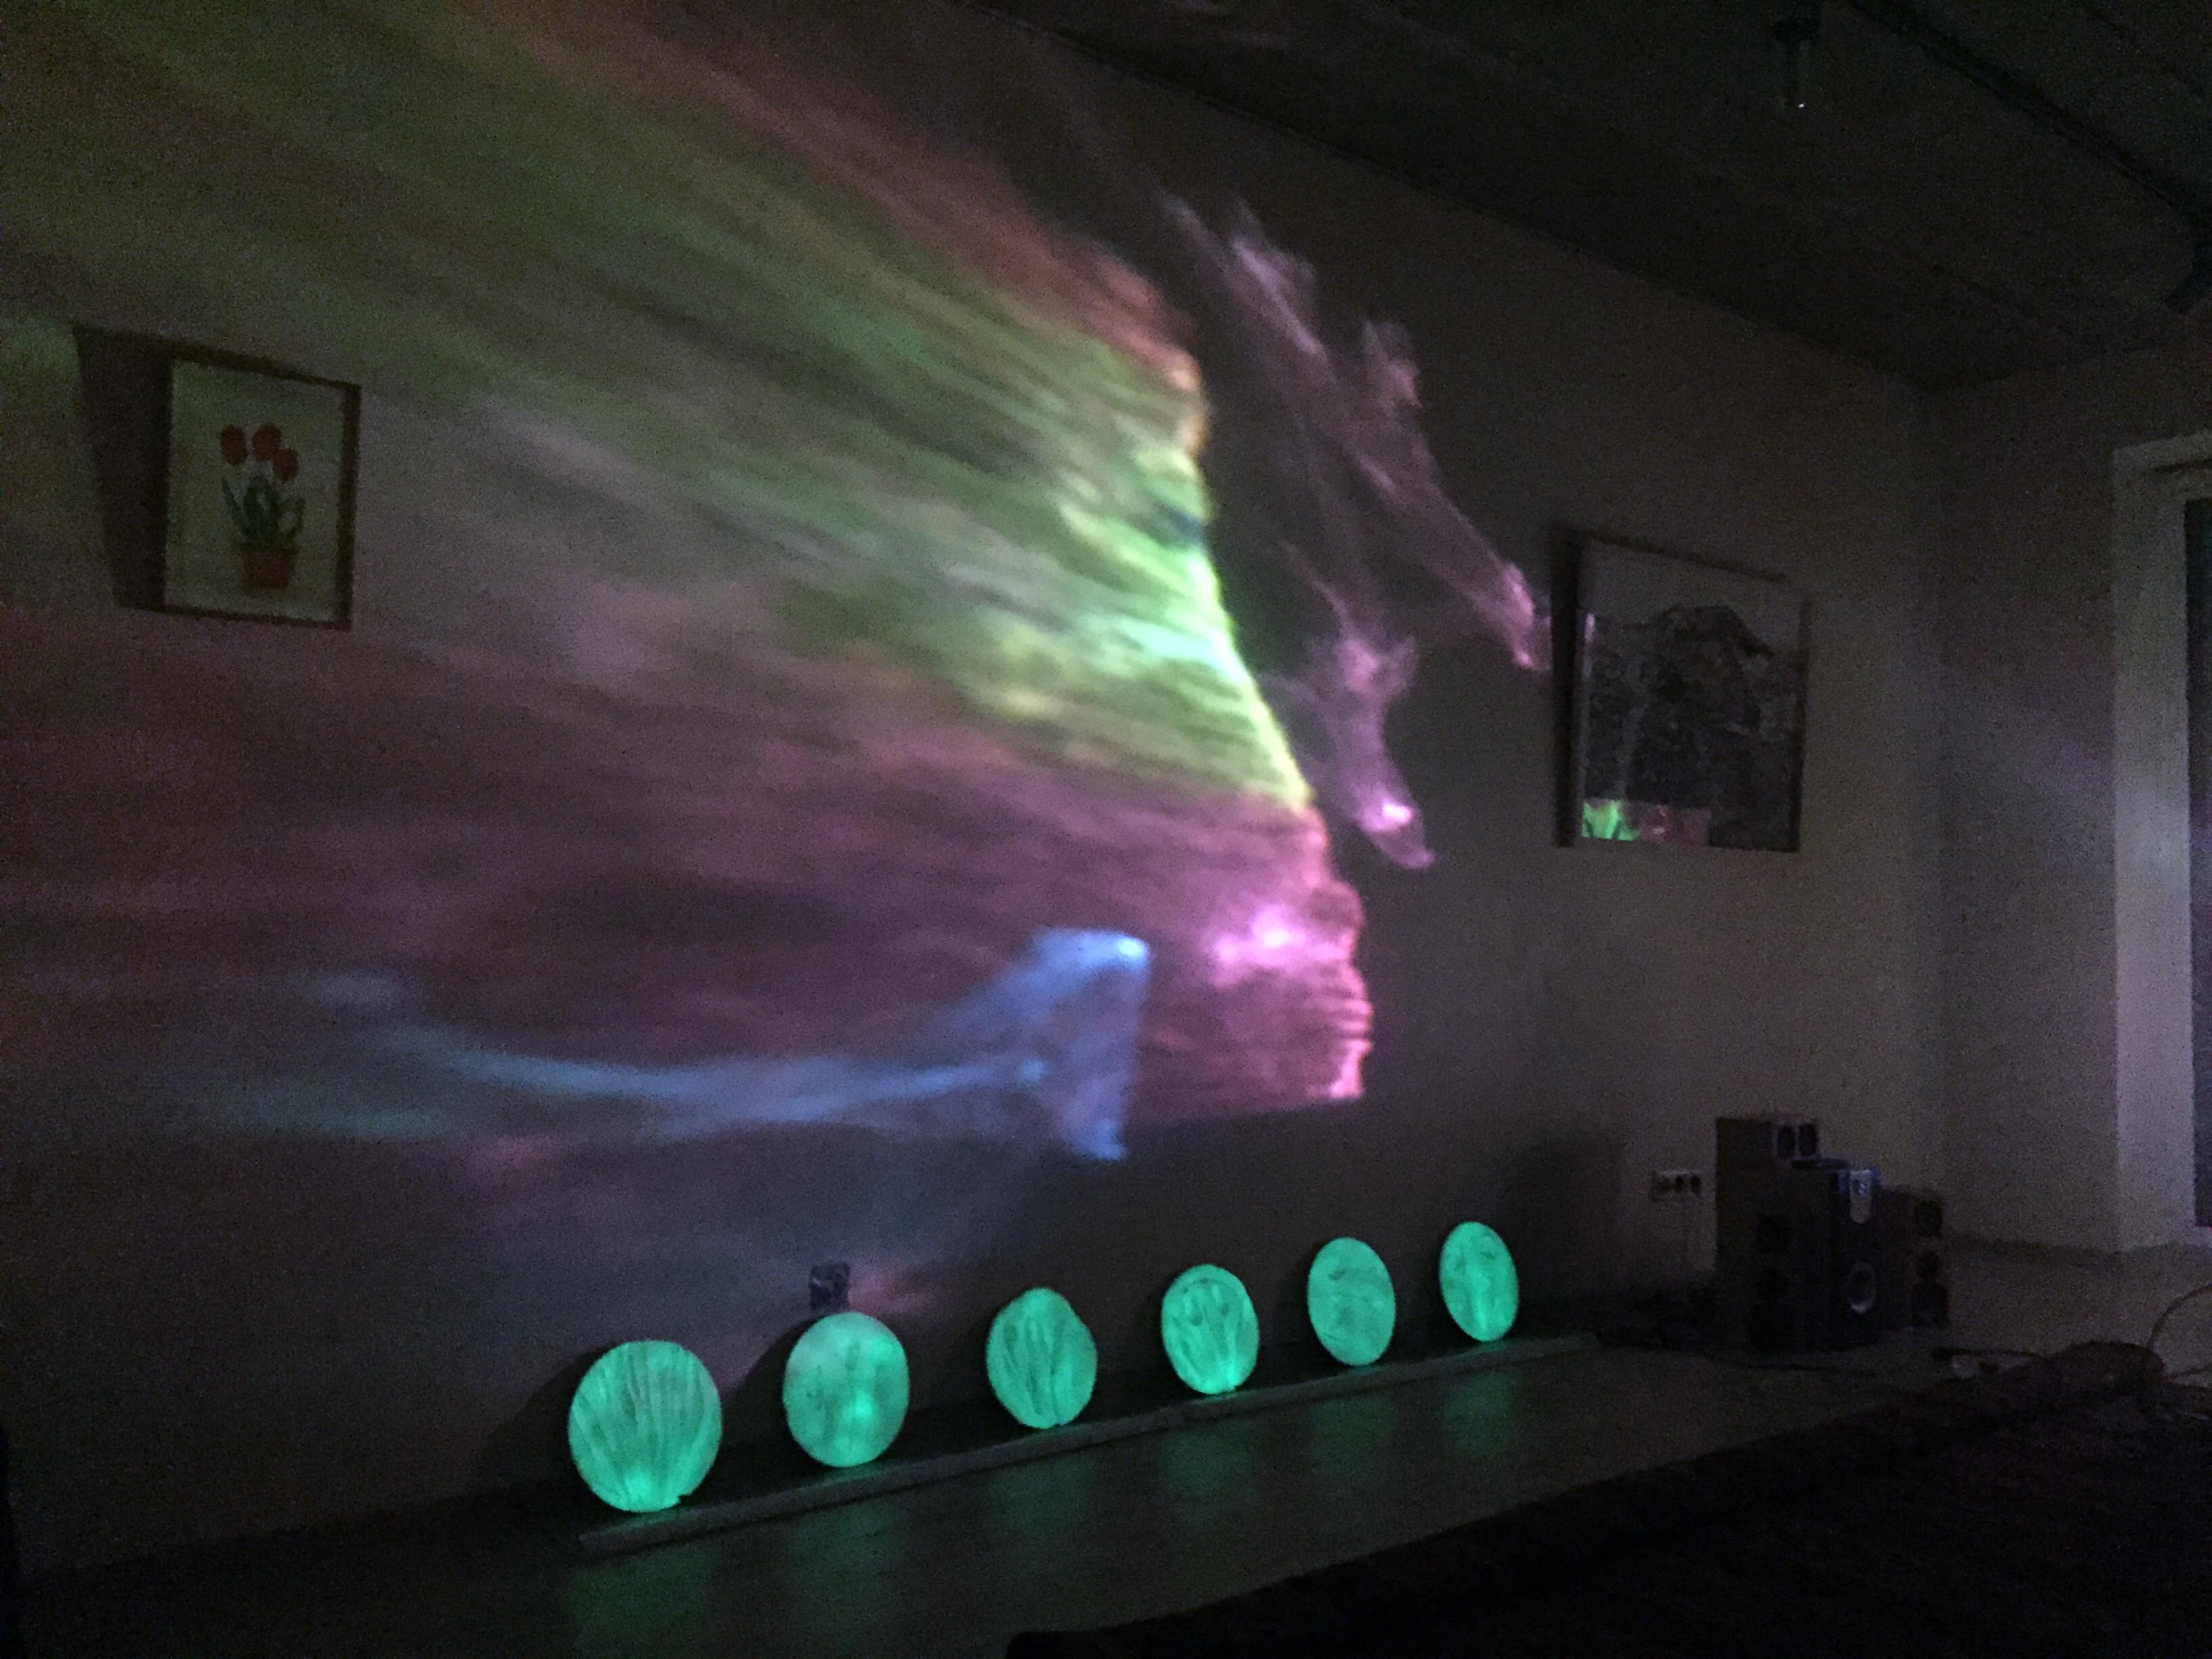 M.Marcelionyte_Tulpiu menuliai_Instaliacija(b)_Gipas_fosforas_dienos sviesos lempa)apie300cm_2018